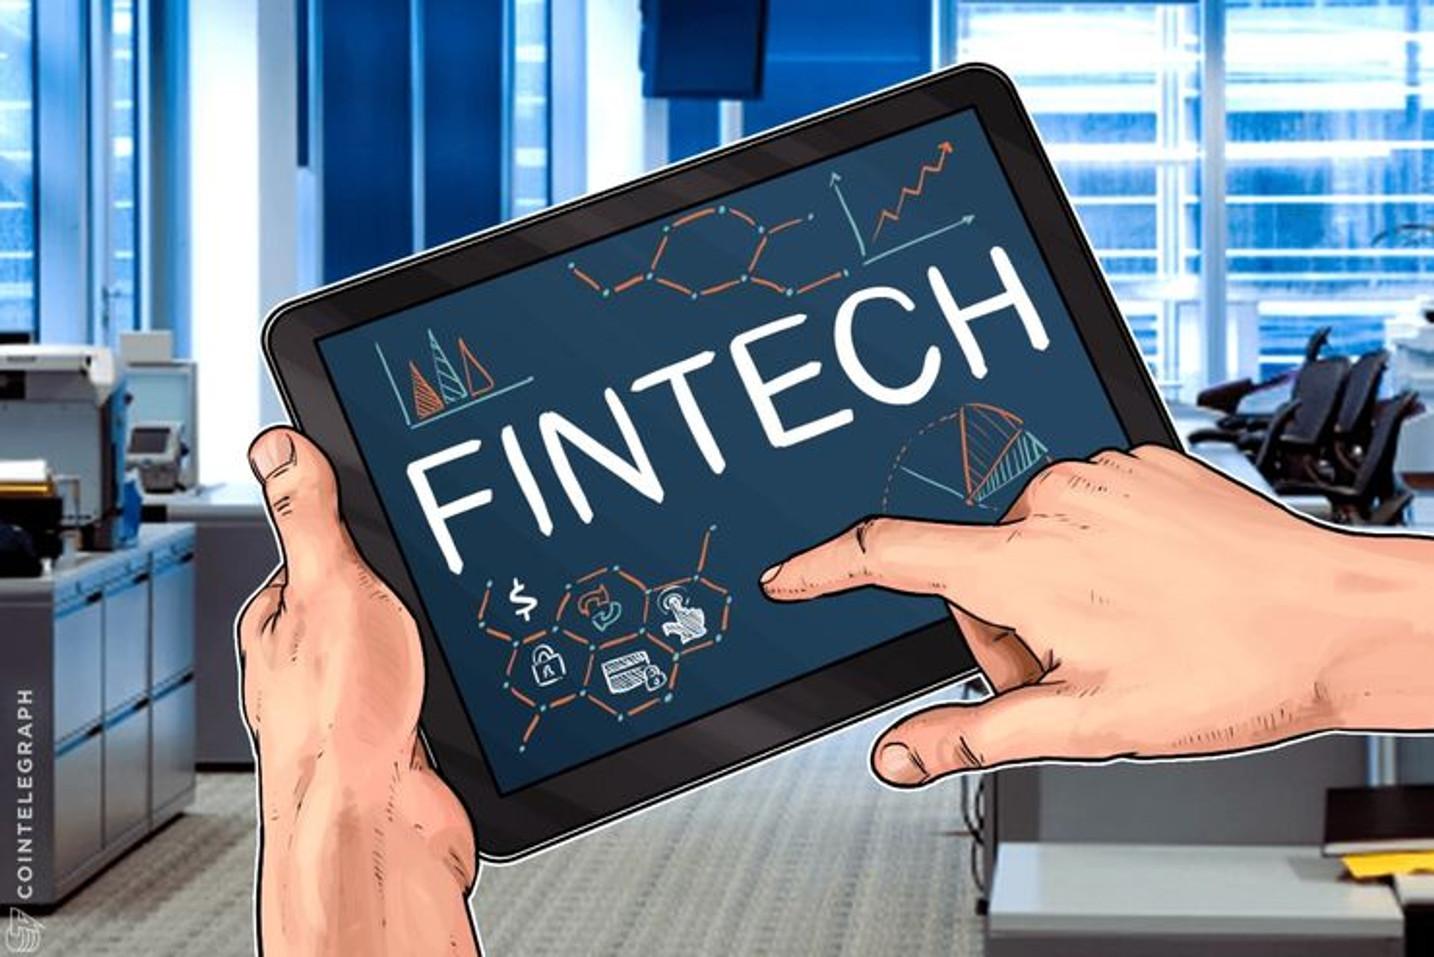 Bankia Fintech by Insomnia lanza en España una convocatoria con retos para diseñar la banca del futuro